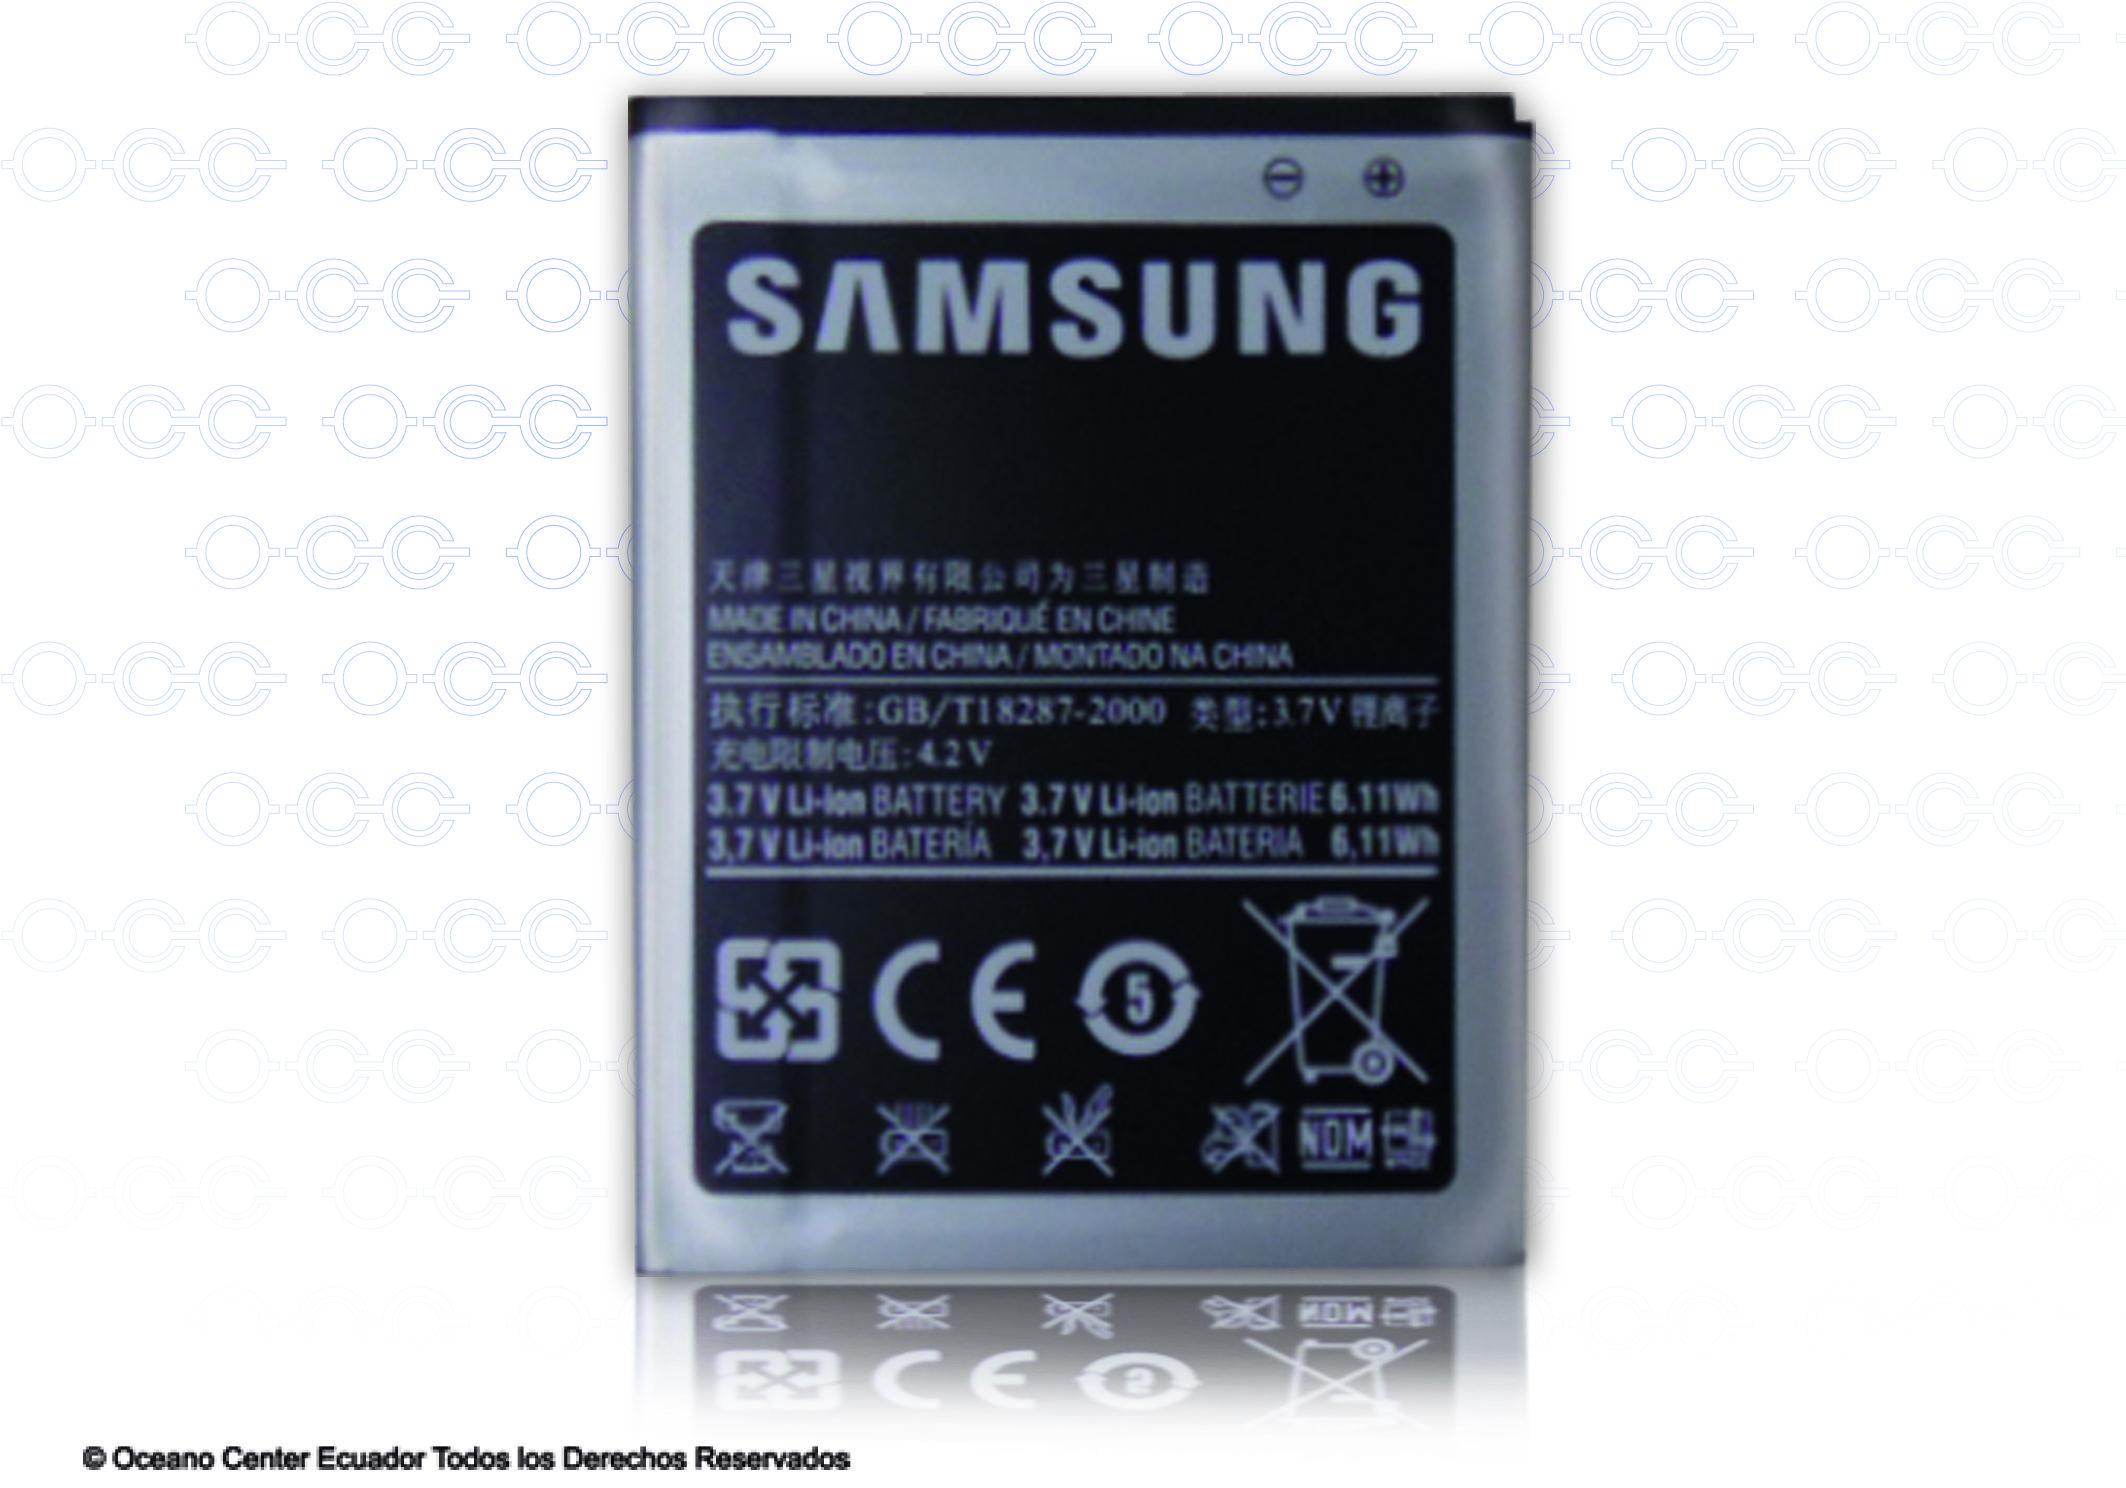 Samsung Galaxy S2 I9100 Y S2 Americano Galaxy S2 Samsung Galaxy Galaxy